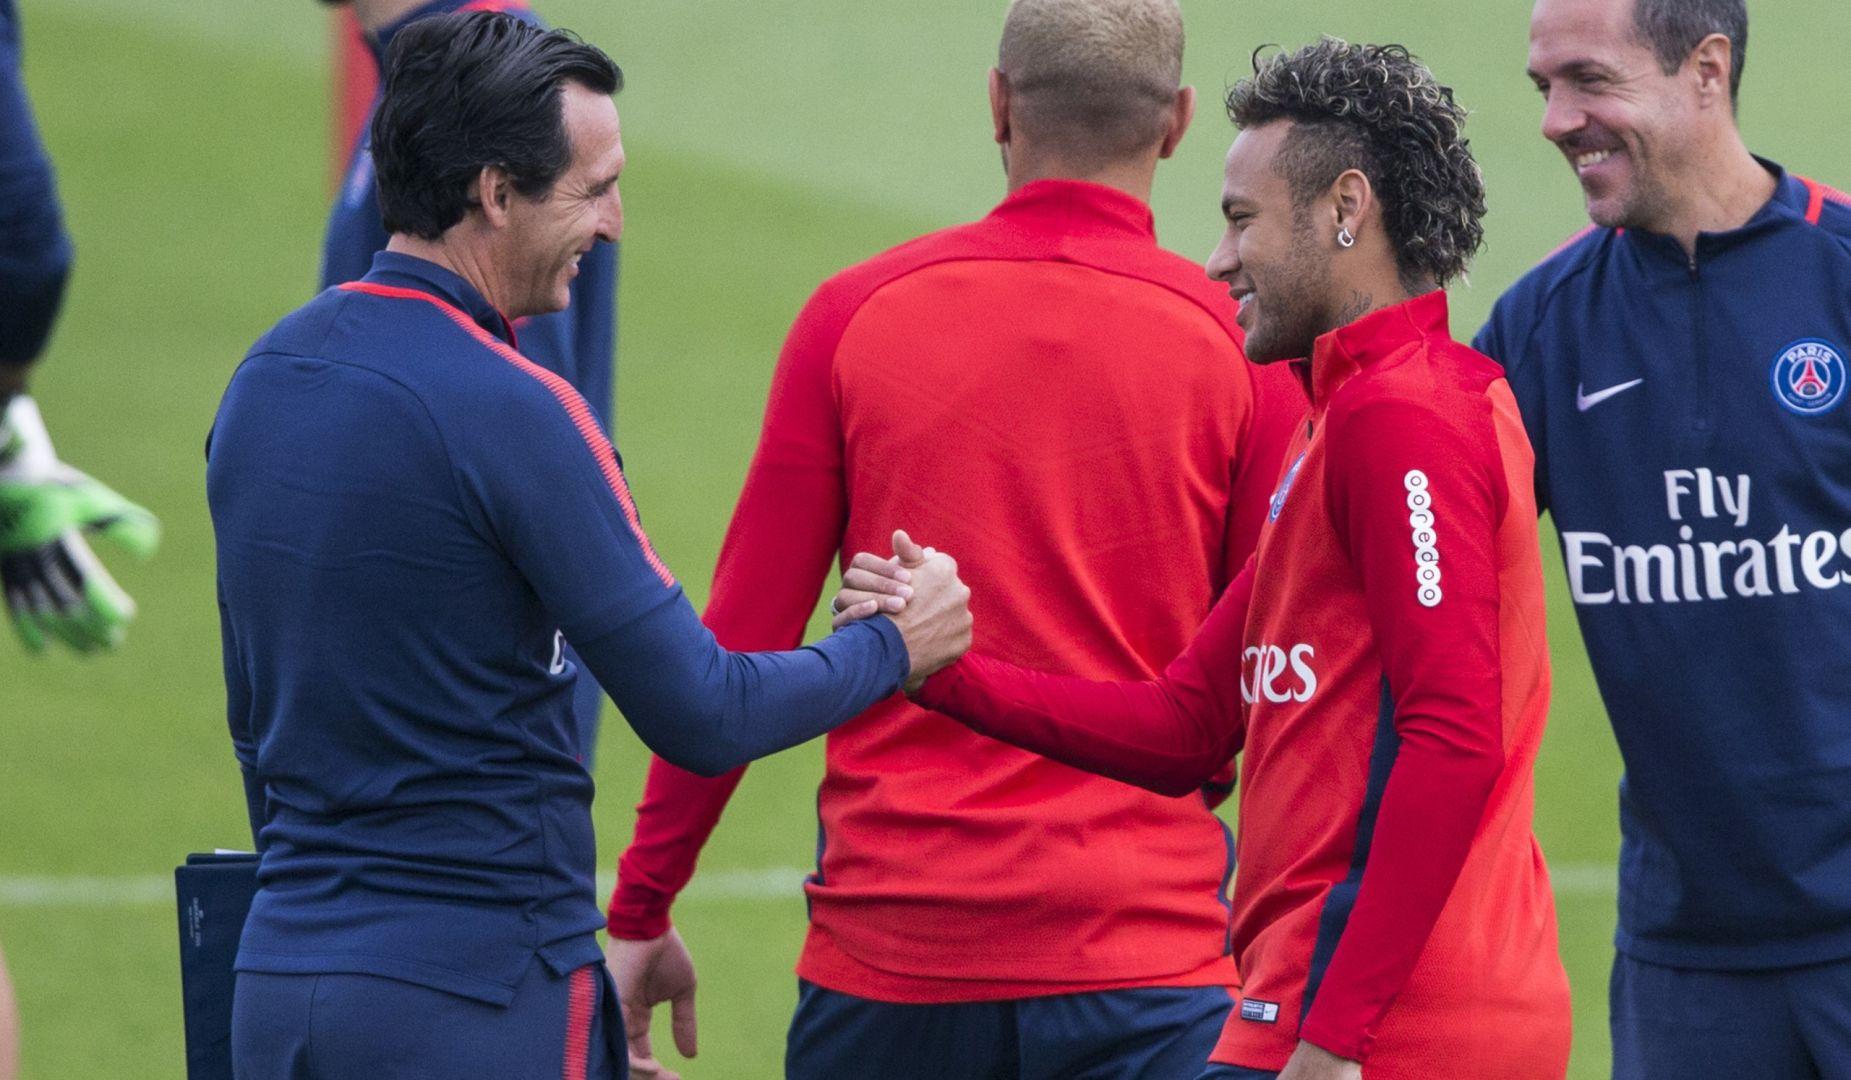 Guingamp/PSG - Emery « l'équipe a joué pendant 90 minutes avec l'esprit conquérant »